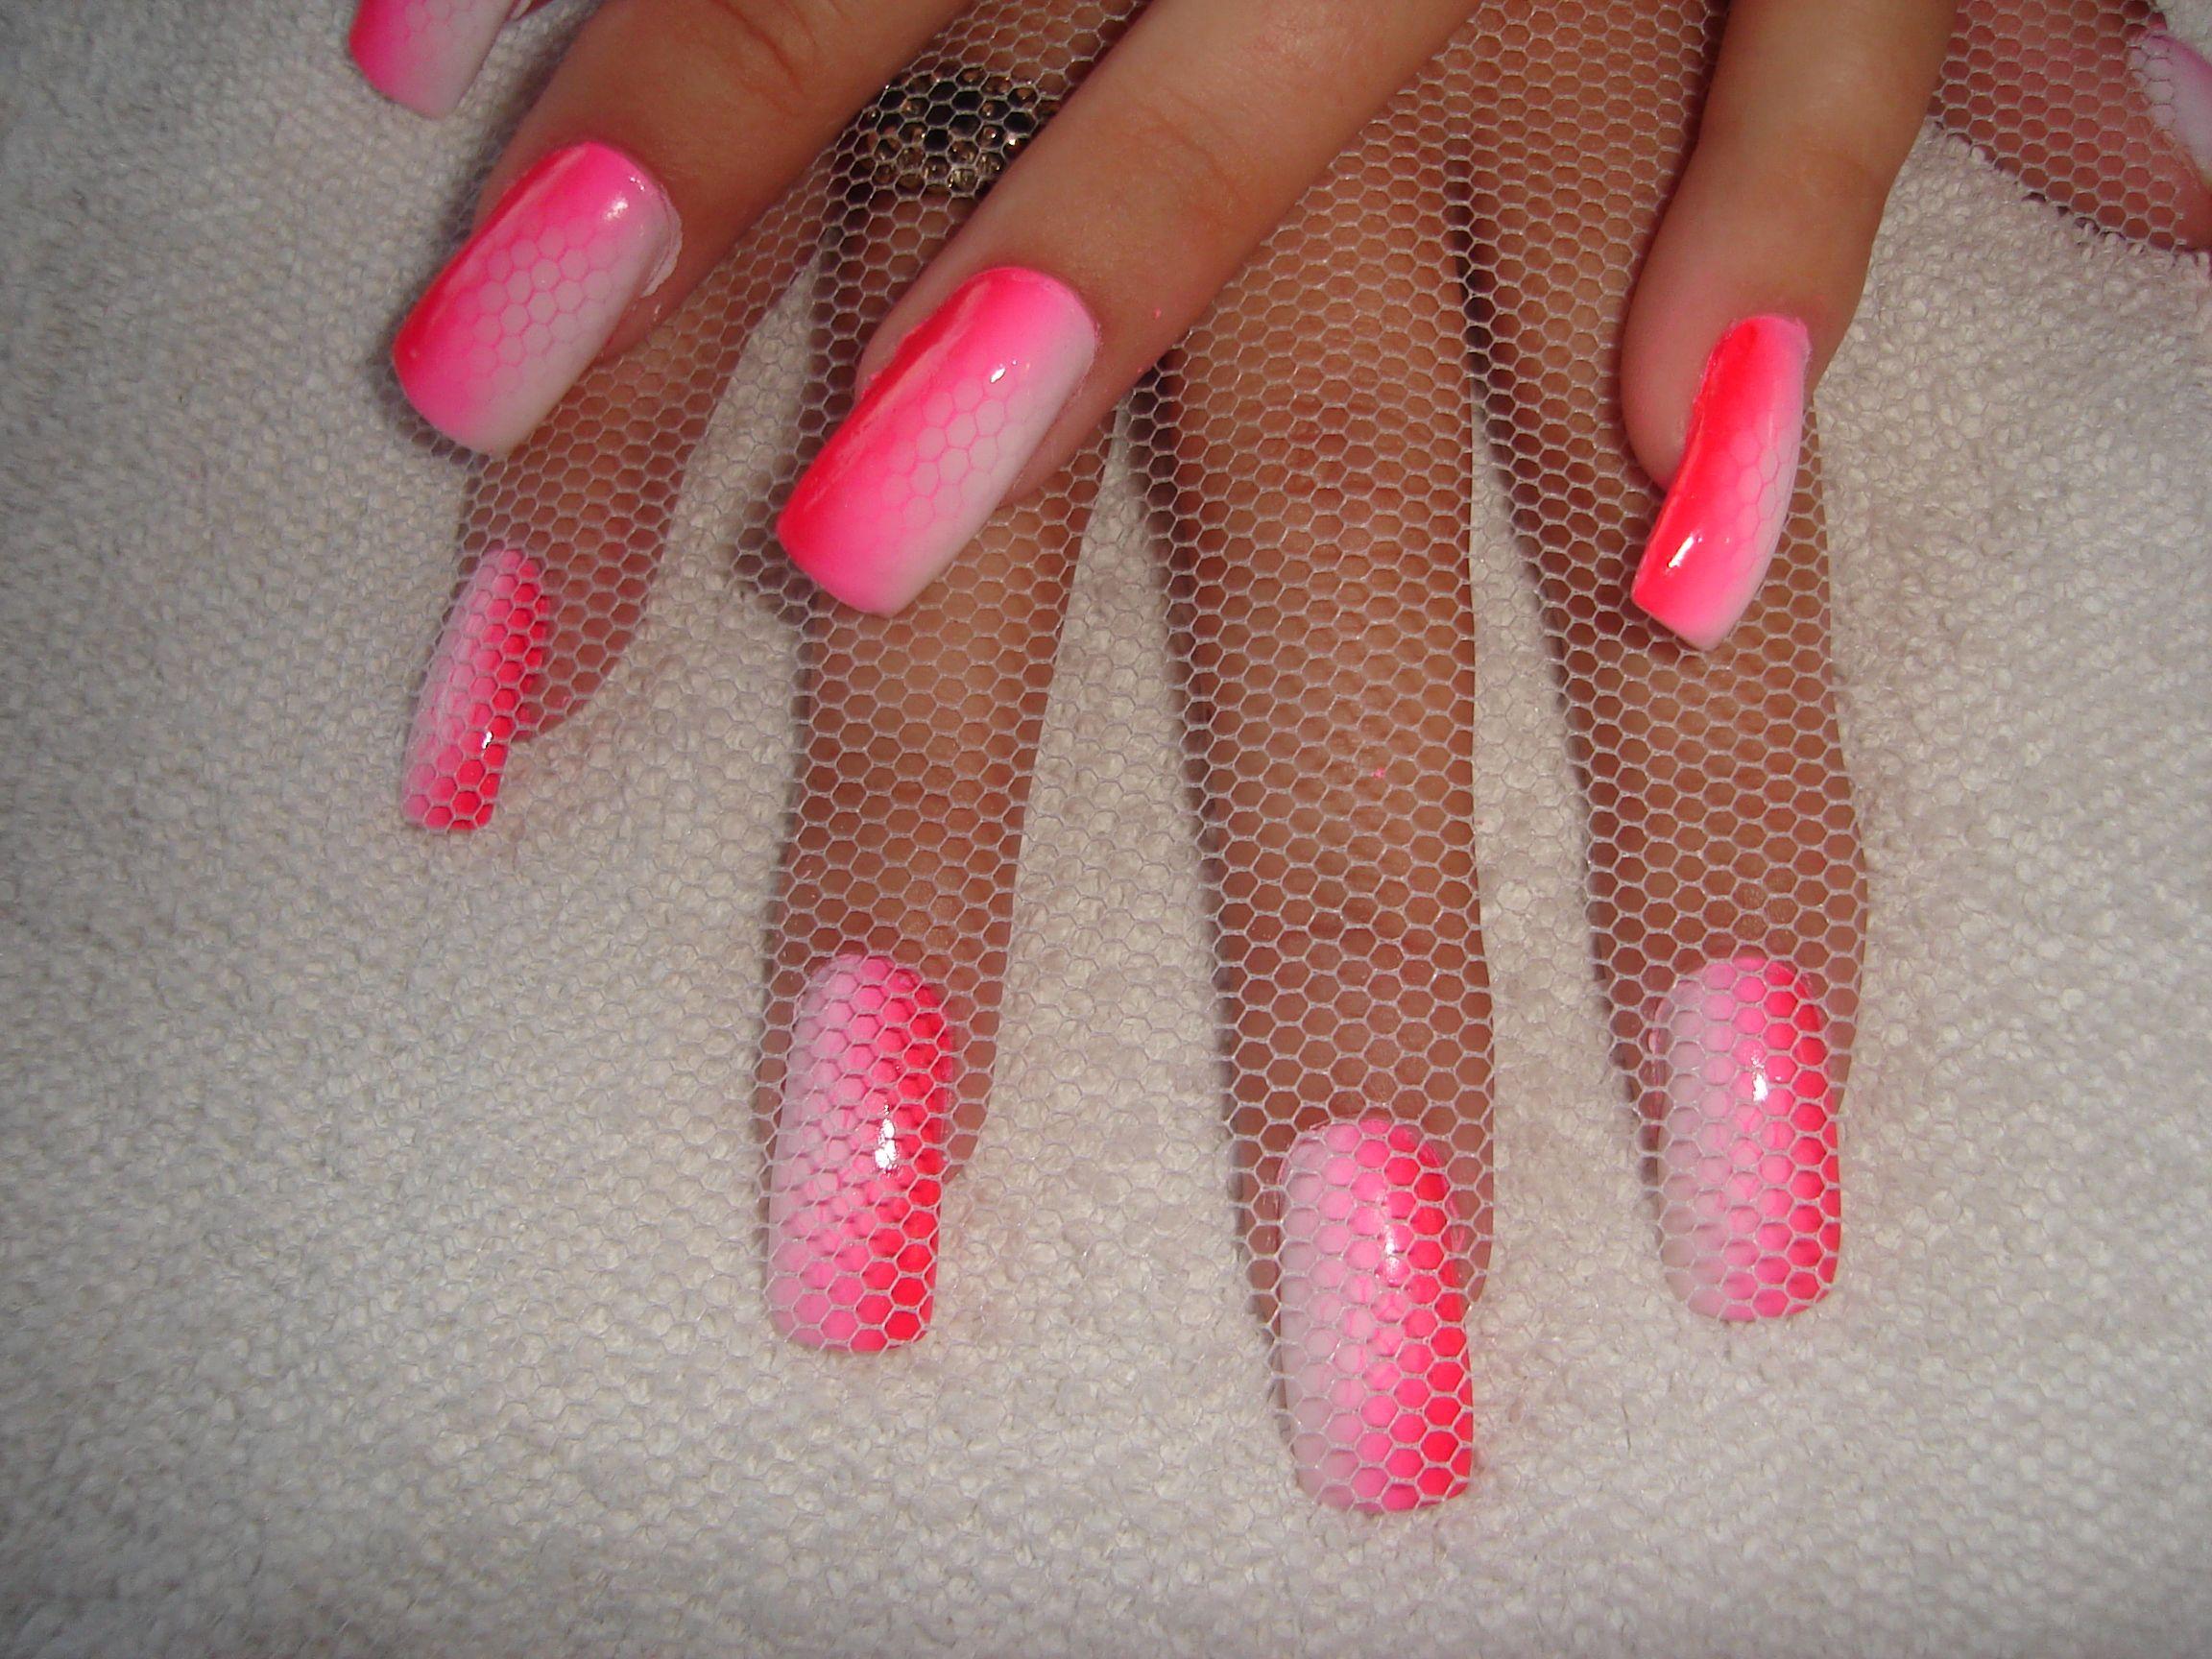 Airbrushed nails designs airbrush nail art gallery by louise airbrushed nails designs airbrush nail art gallery by louise callaway 4 noble nails prinsesfo Choice Image